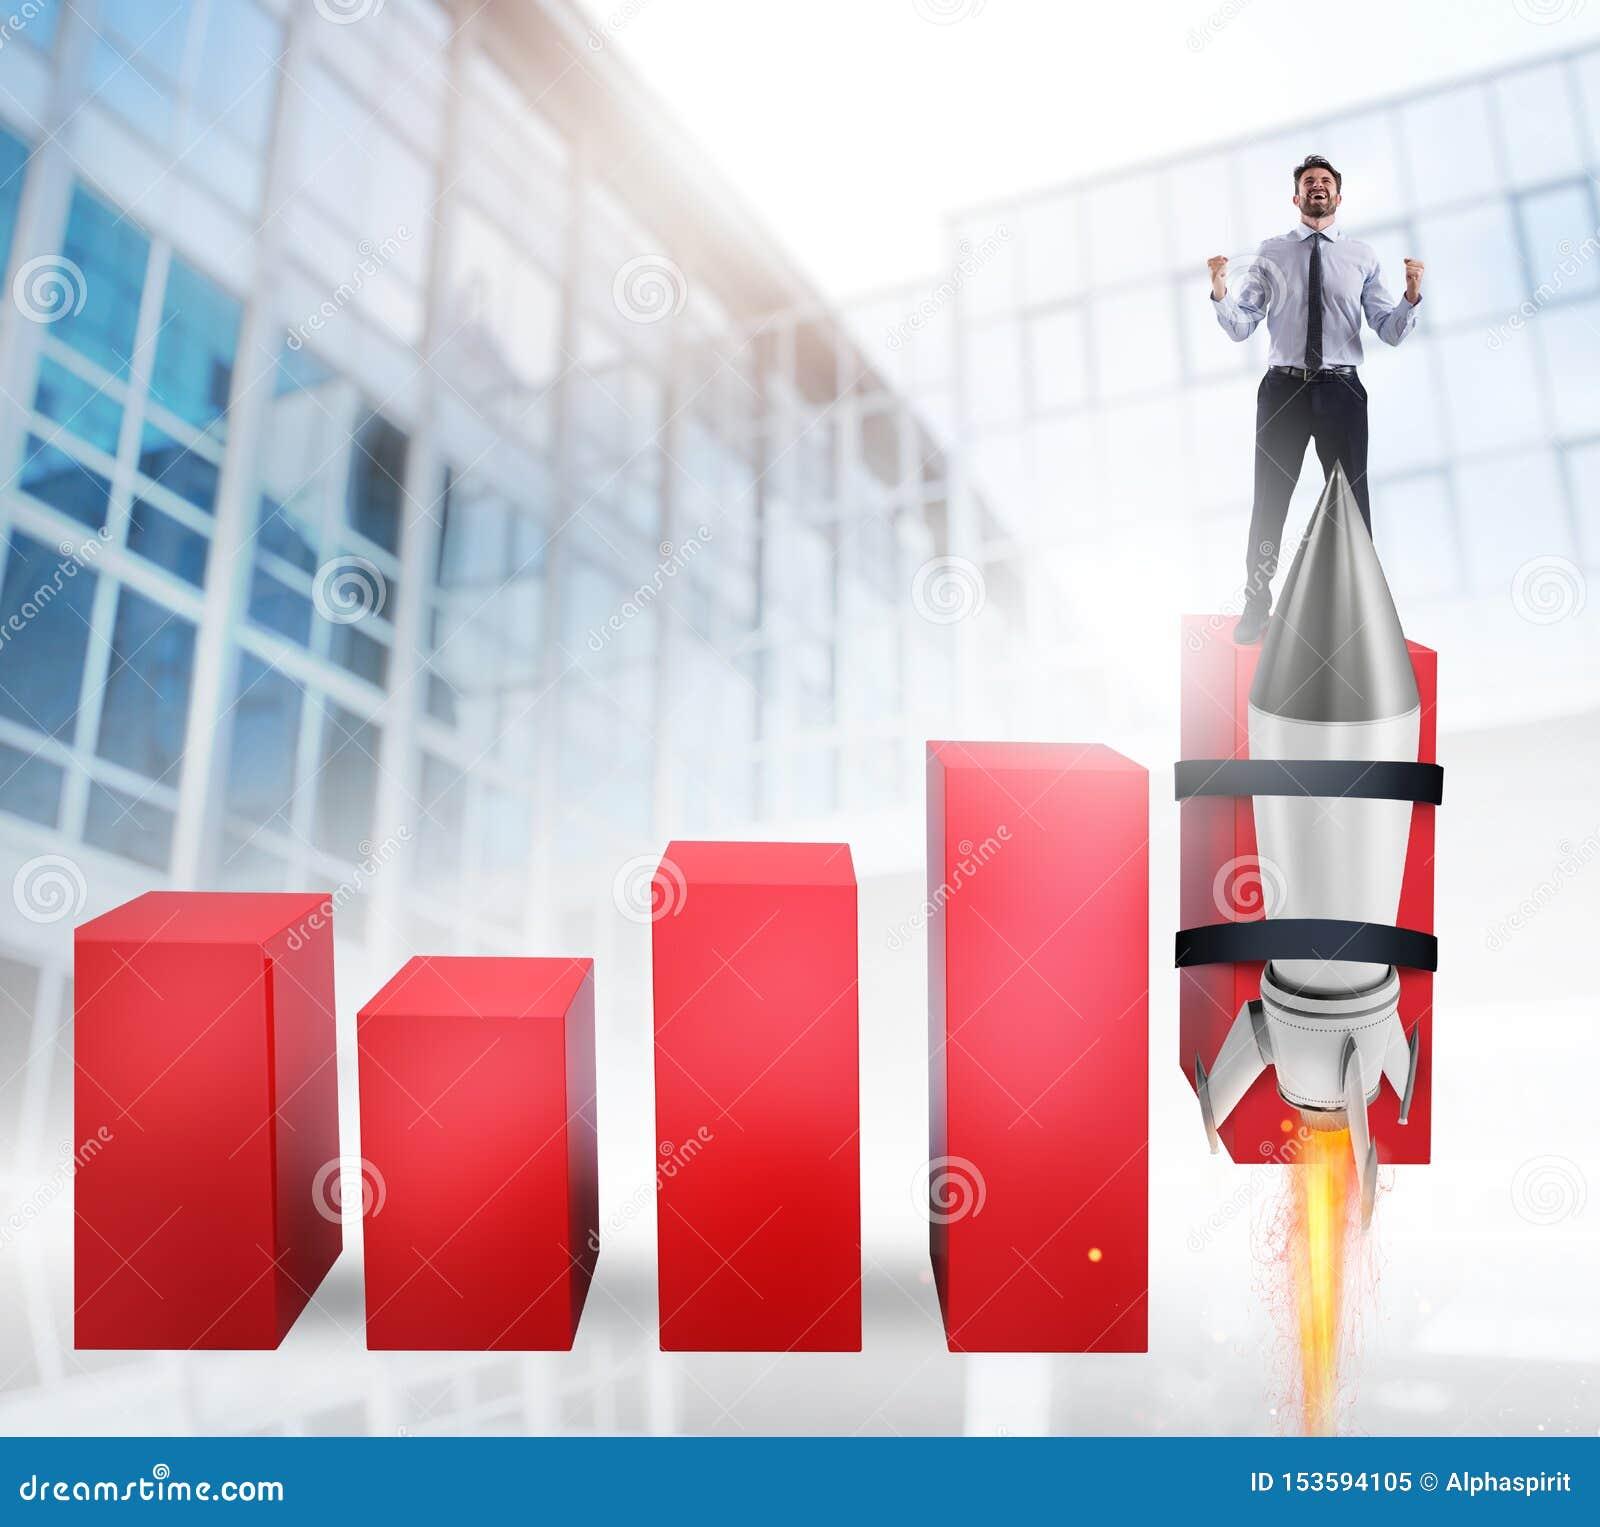 Rocket ayuda a mejorar estadística de negocio para crecer